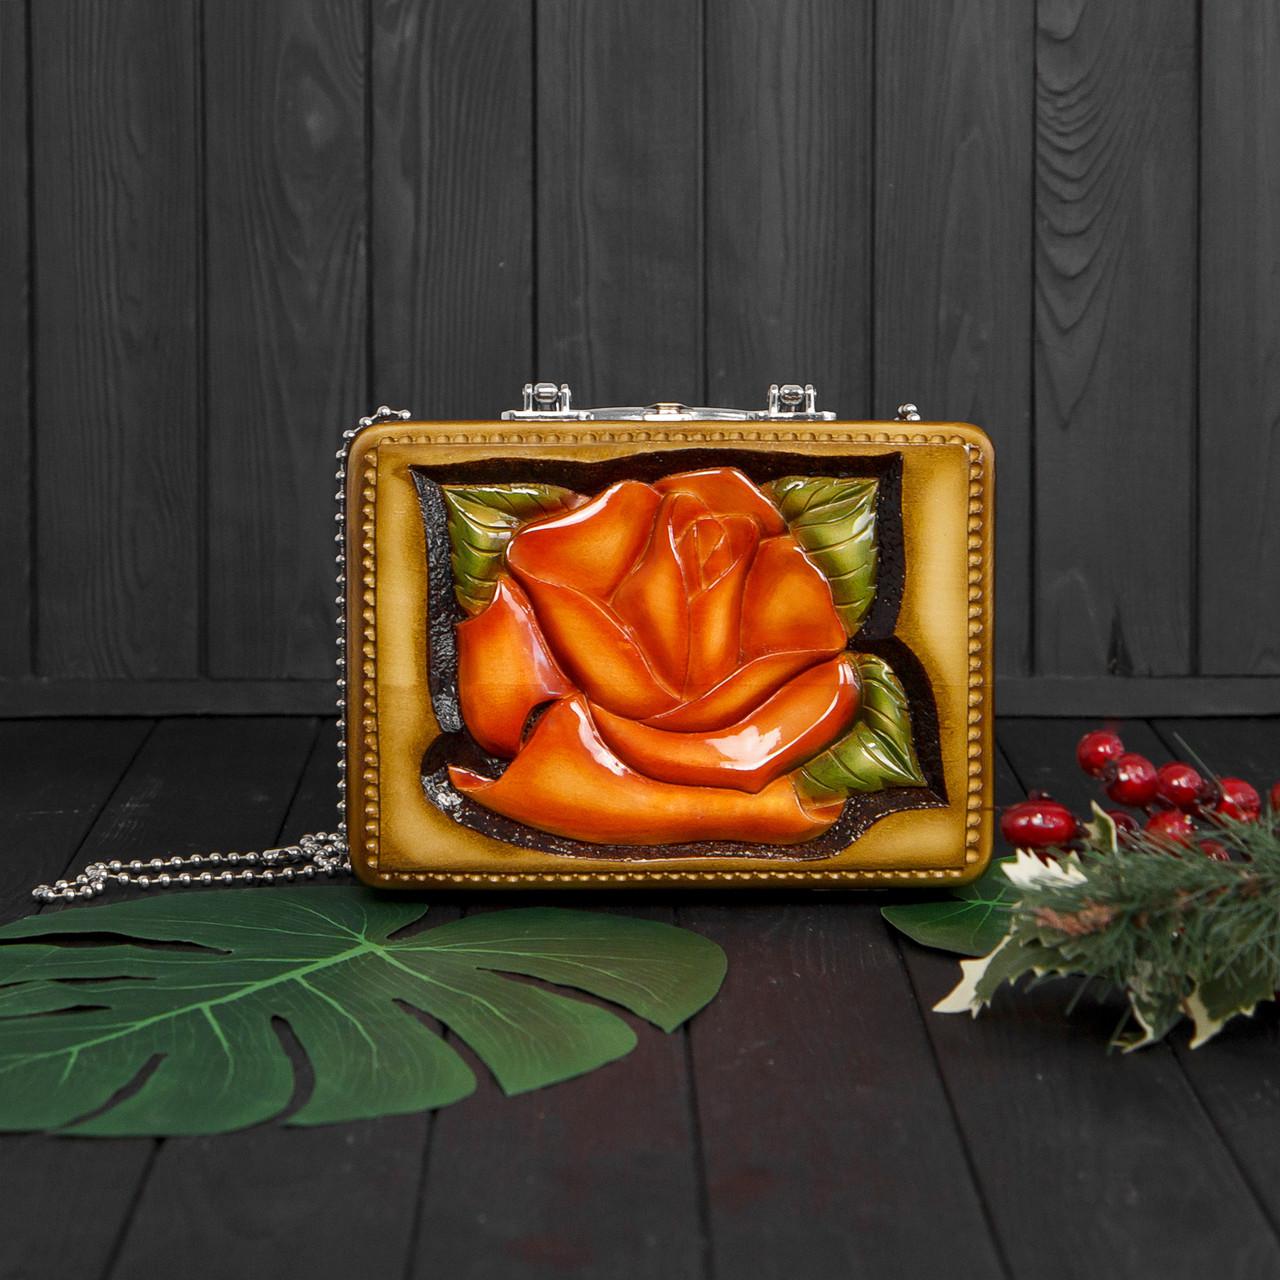 Компактная женская сумочка ручной работы из дерева, эксклюзив, STRYI, 25*18*8